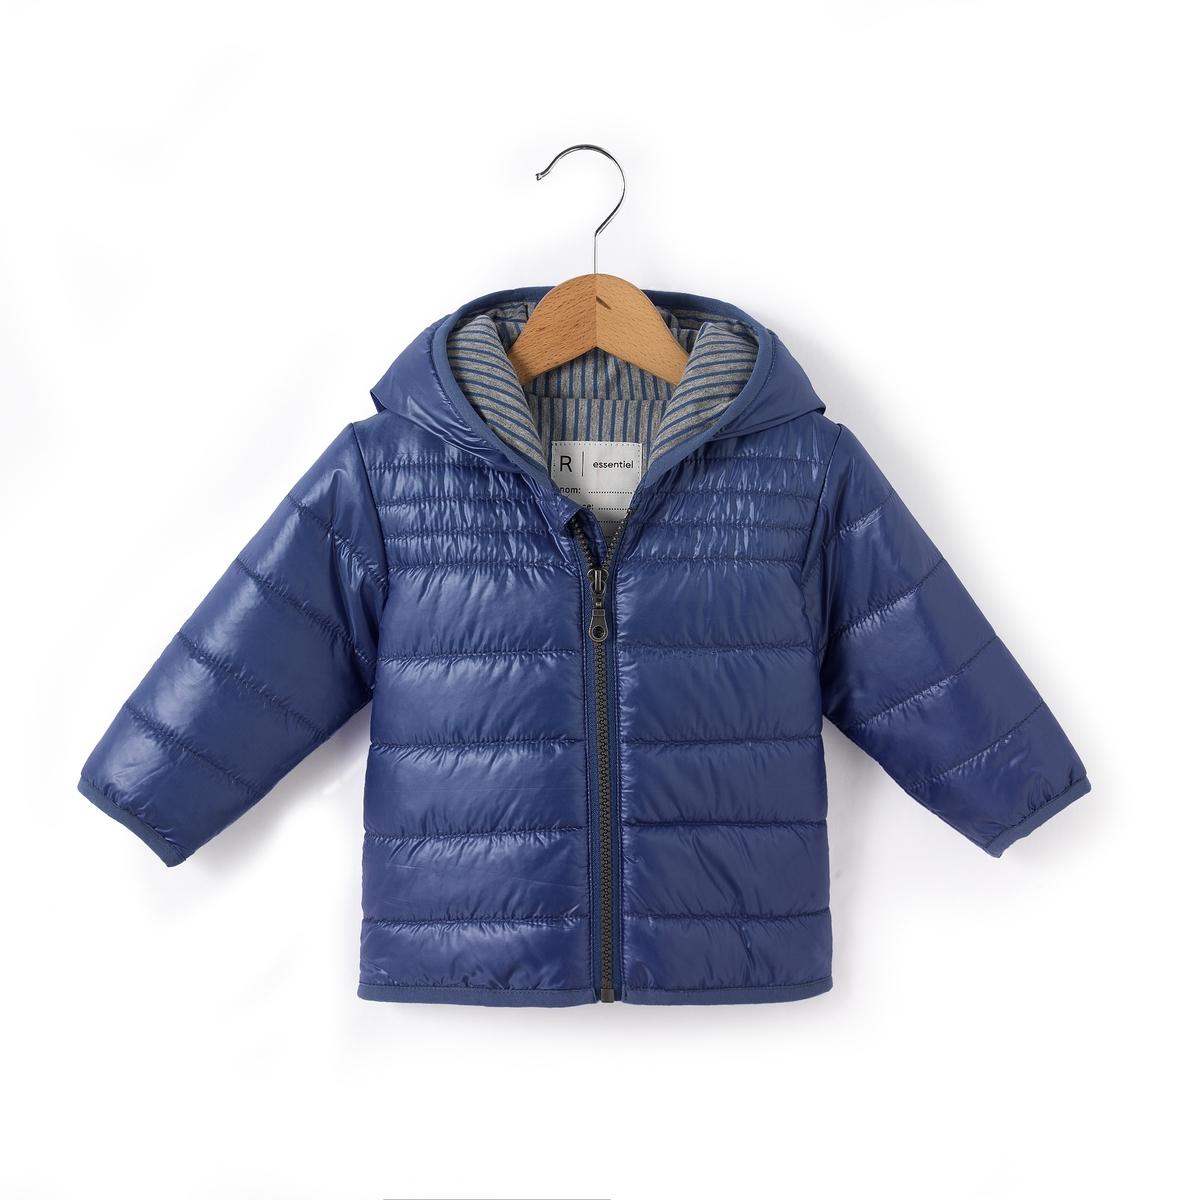 Куртка стеганая тонкая с капюшоном, 1 мес. - 3 года